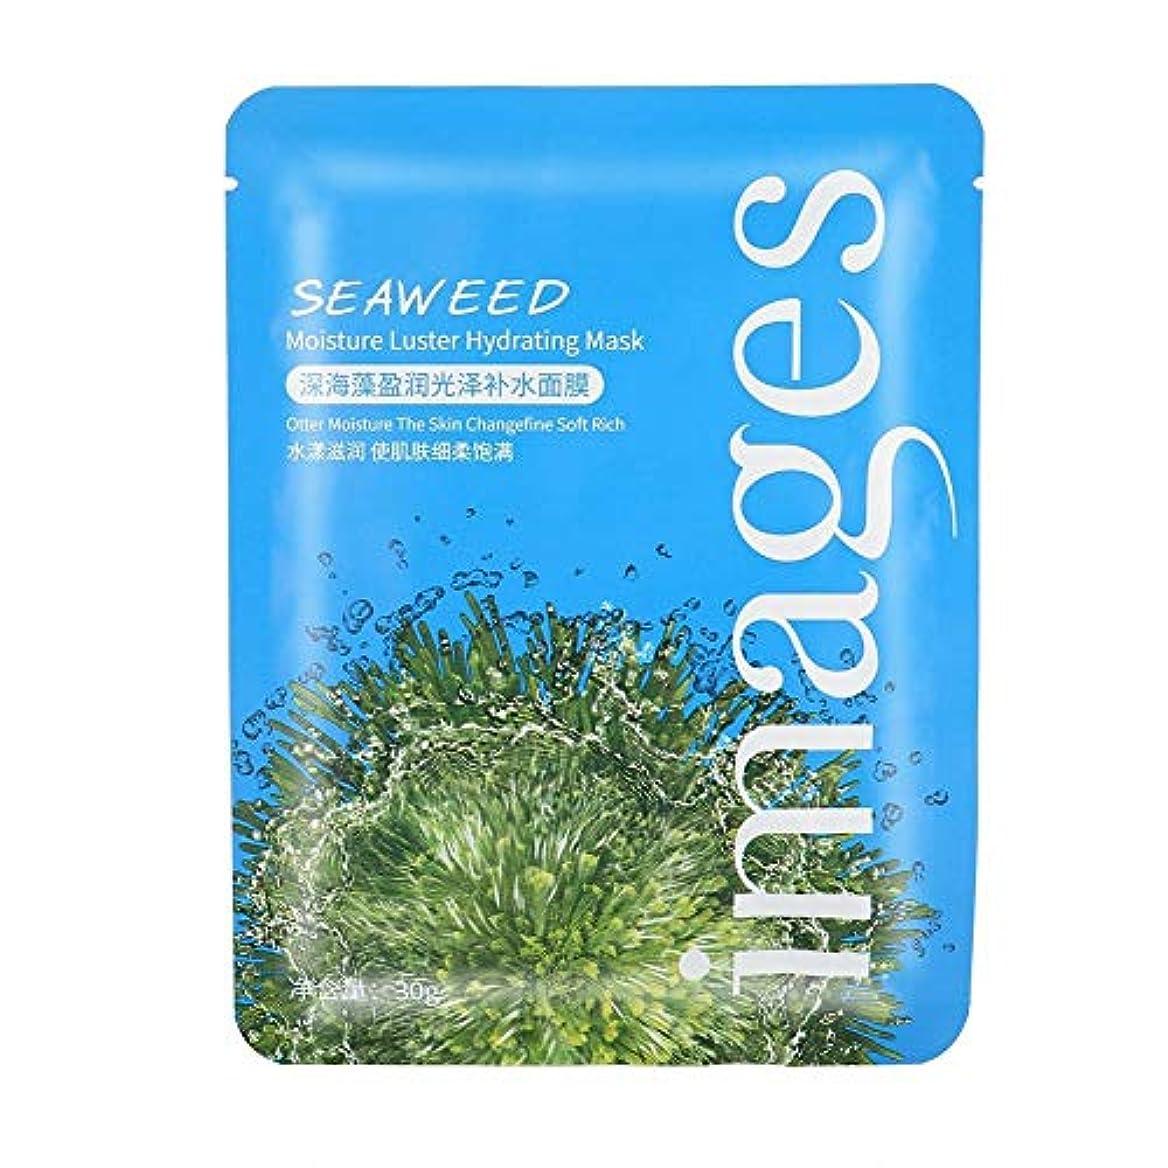 乞食与える損失Semme天然海藻エキスフェイスマスク、20 /個明るく保湿引き締め海藻エッセンスフルフェイスフェイシャルマスクシートスキンケア(豊かな輝き)